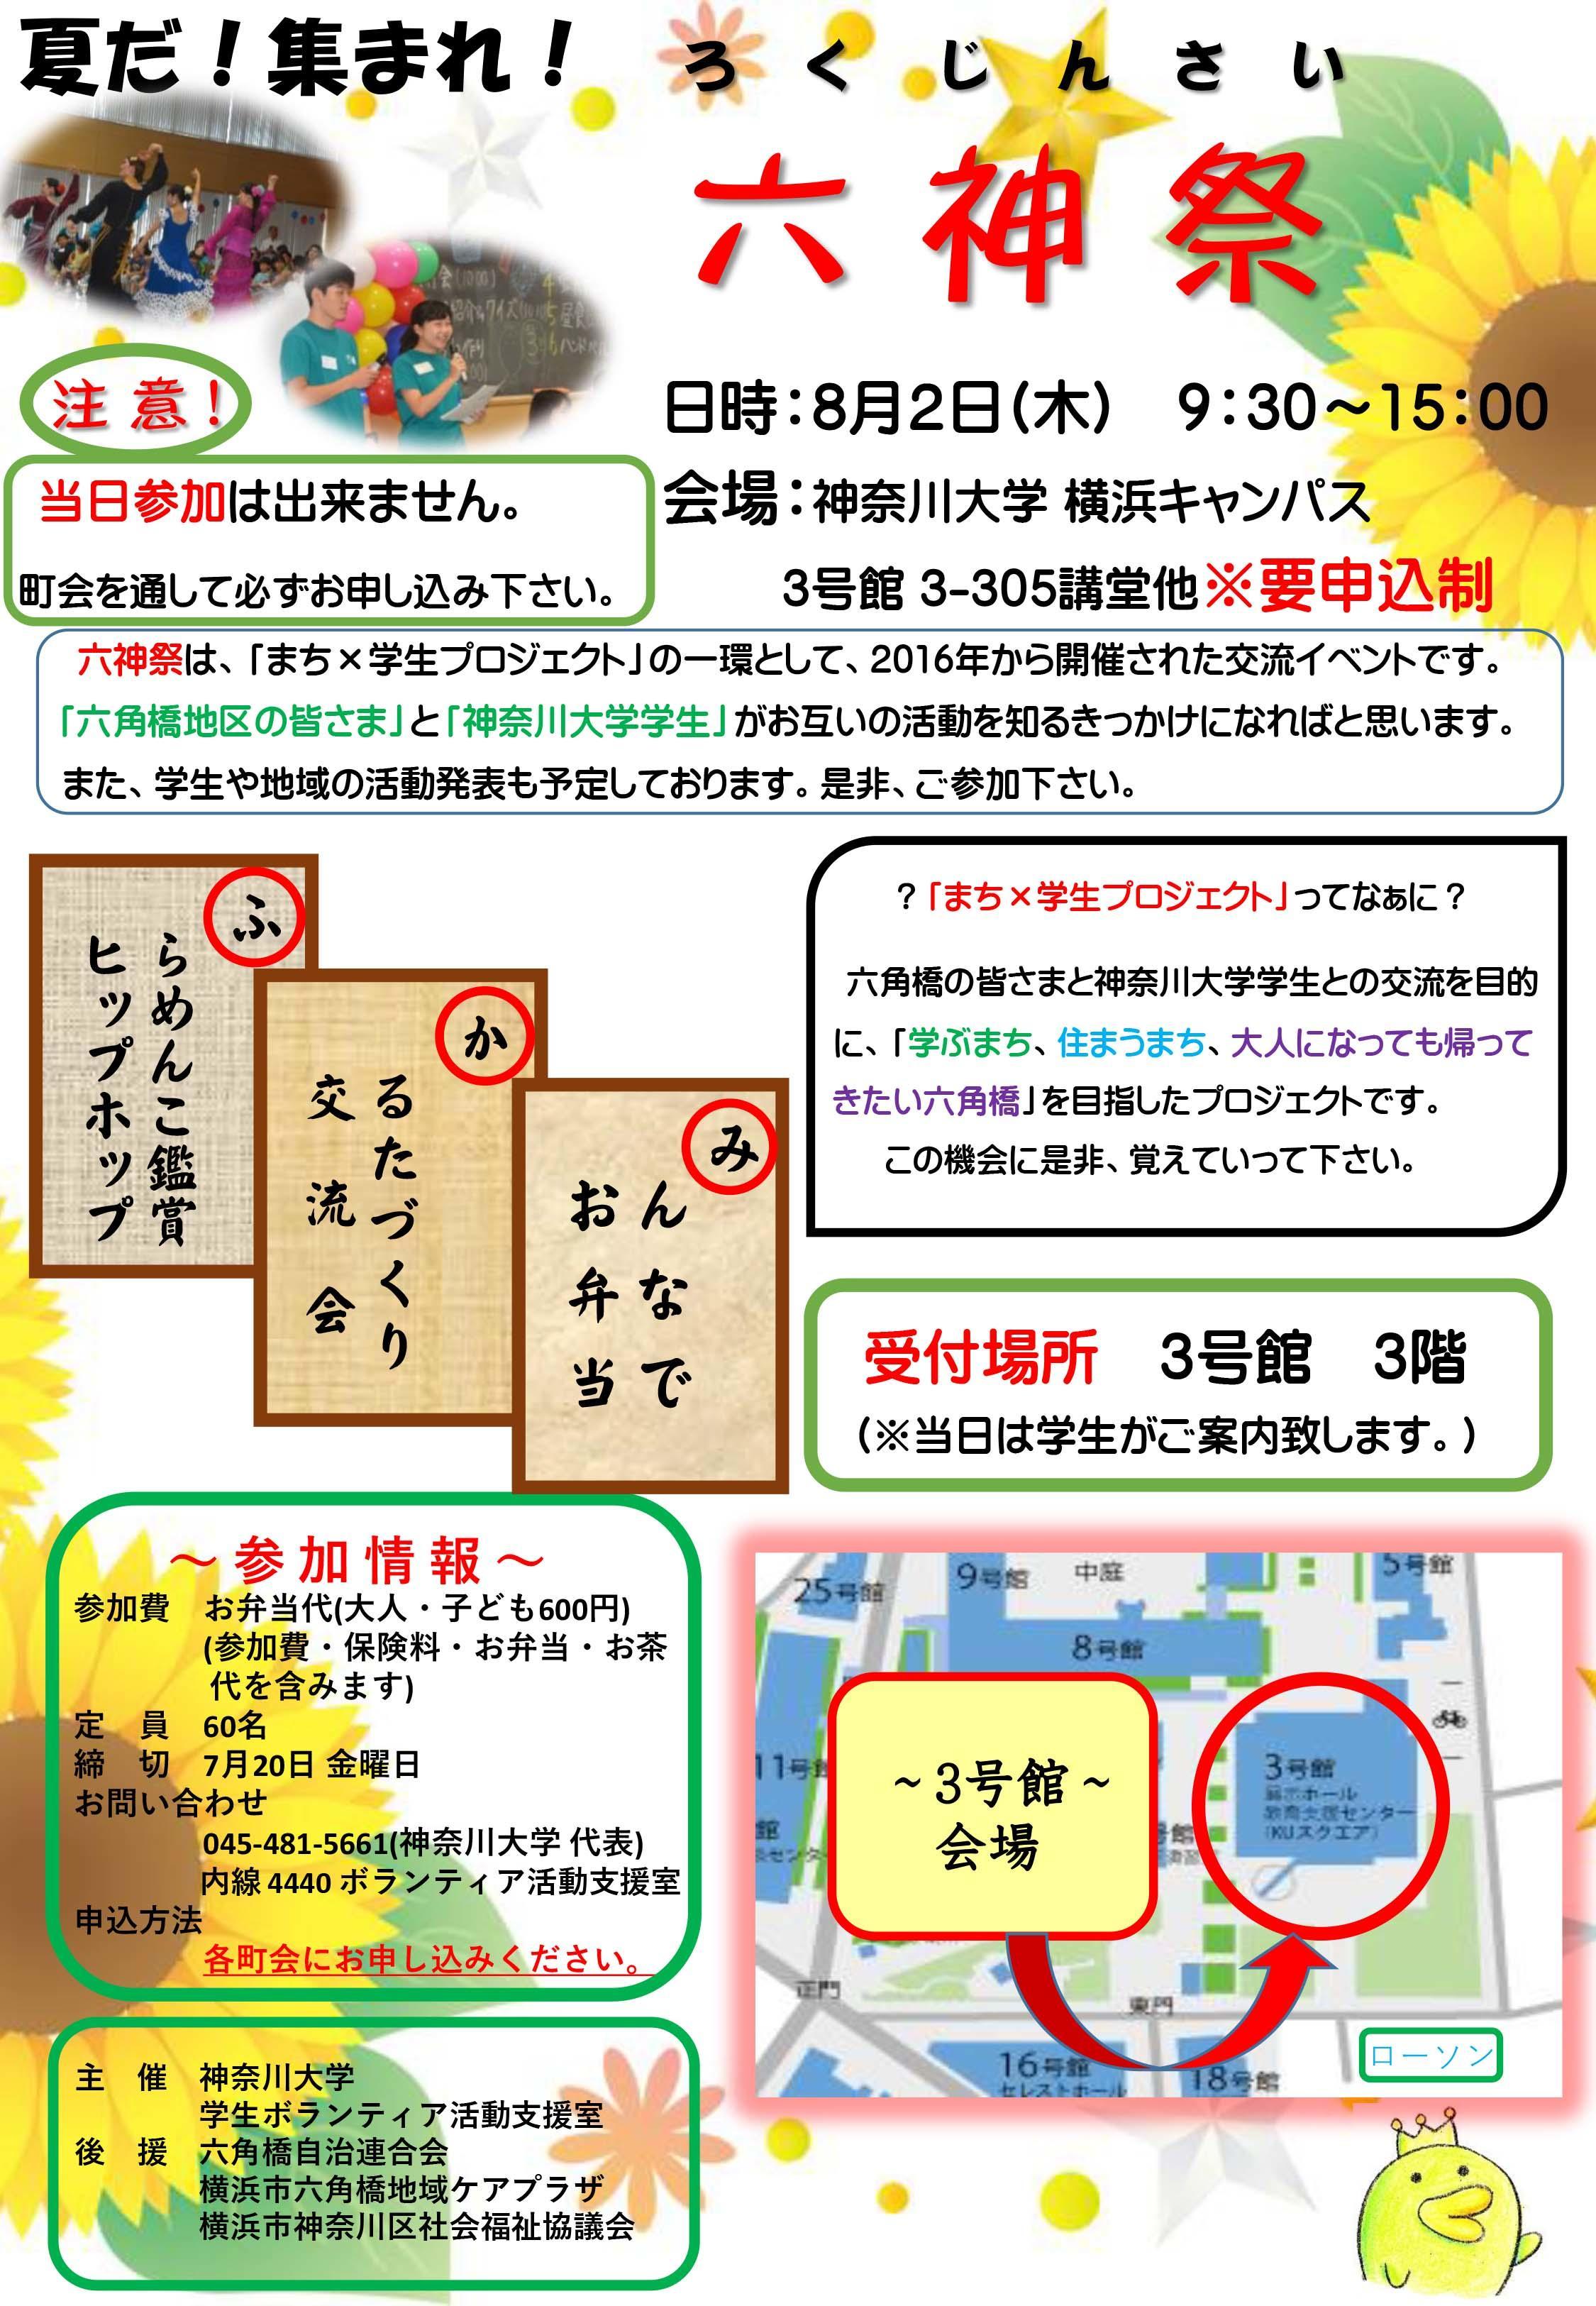 【神奈川大学】学生主催!地域と大学の交流型イベント 第3回『六神祭』」を開催! -- 子どもたちのダンスにほっこり。本格フラメンコにびっくり! --